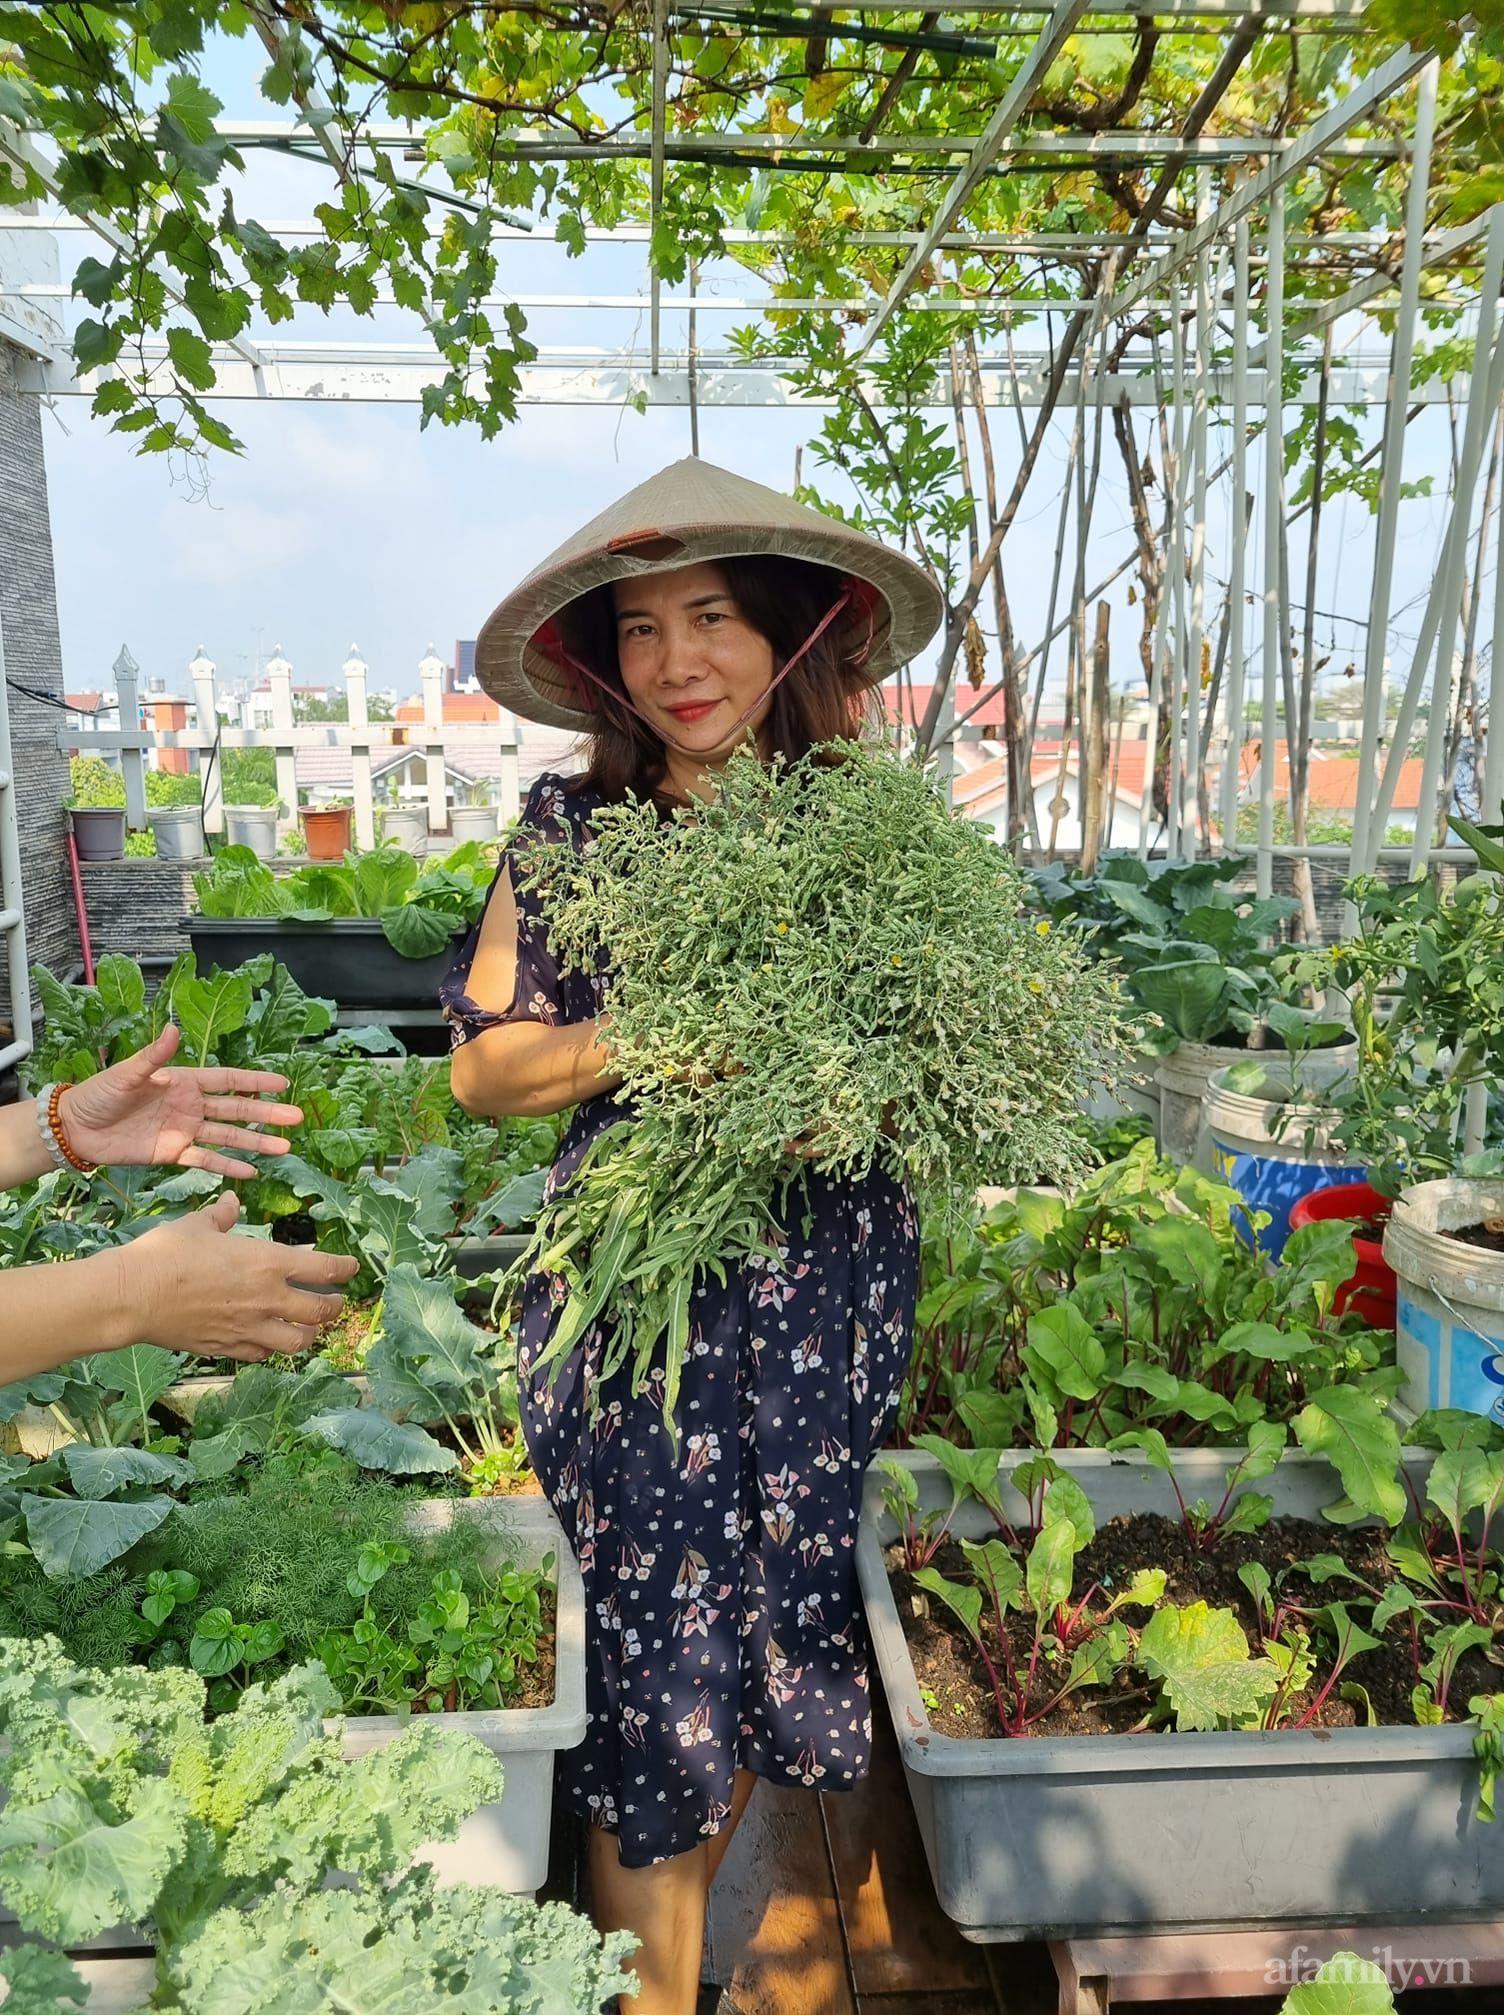 Mẹ đảm Sài Gòn trồng nho đỏ Ninh Thuận sai trĩu cành trên sân thượng 80m² - Ảnh 2.